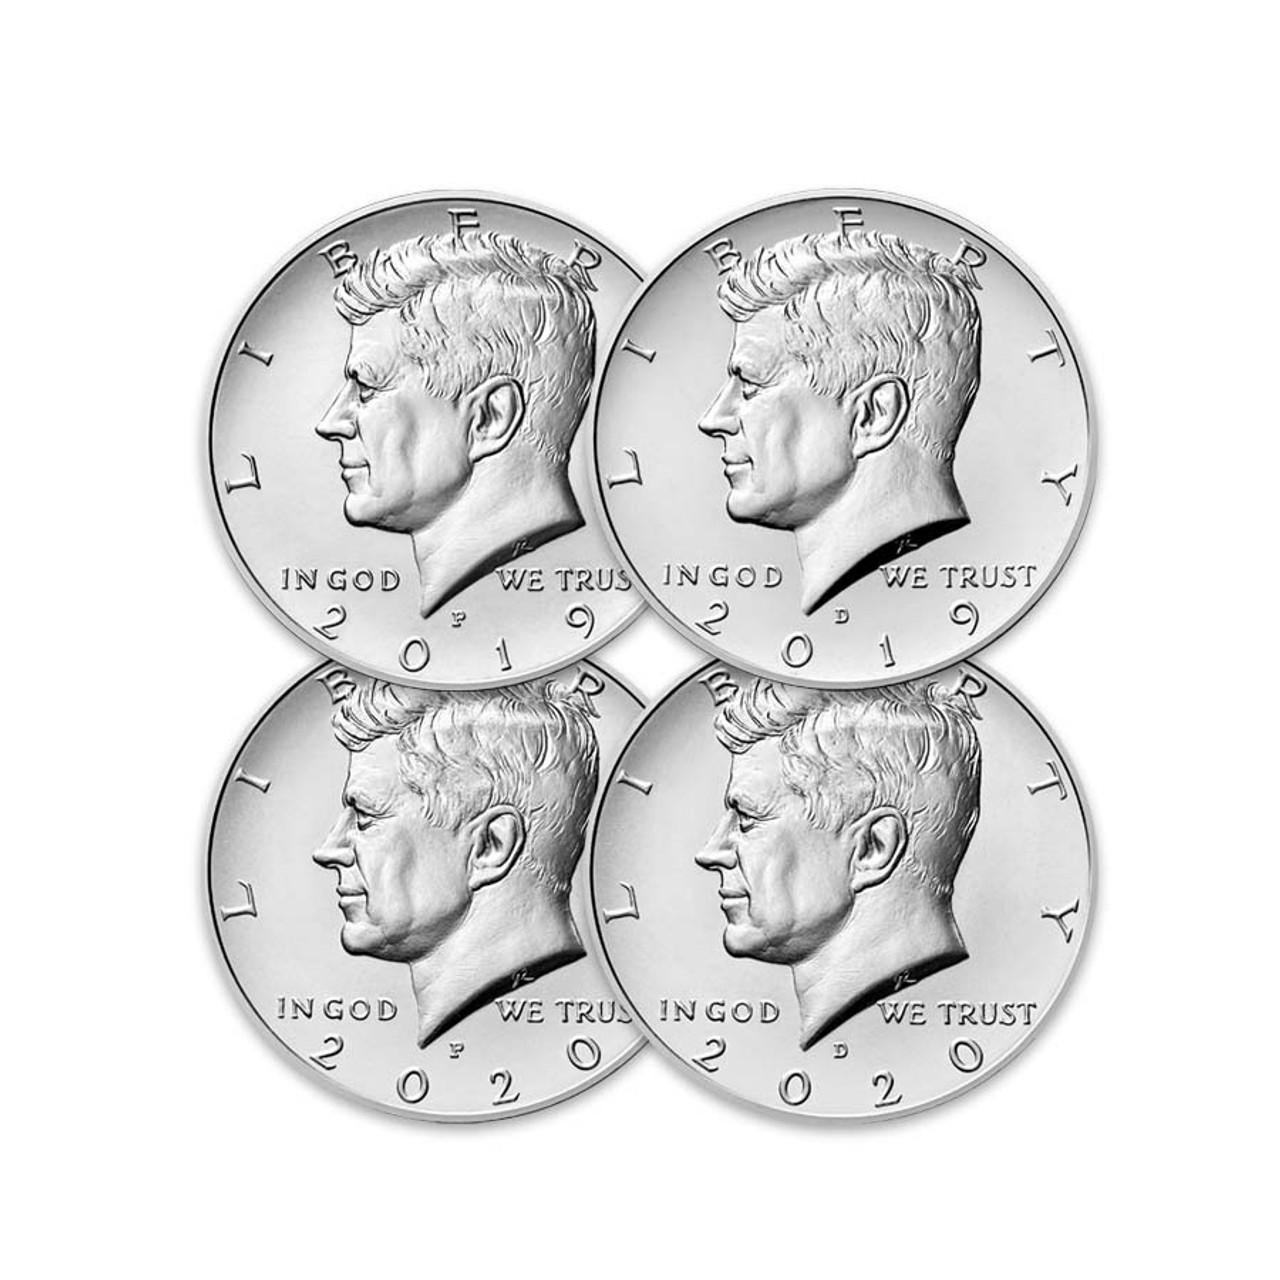 2020-P & D Kennedy Half Dollar with FREE 2019-P & D Kennedy Half Dollar Brilliant Uncirculated